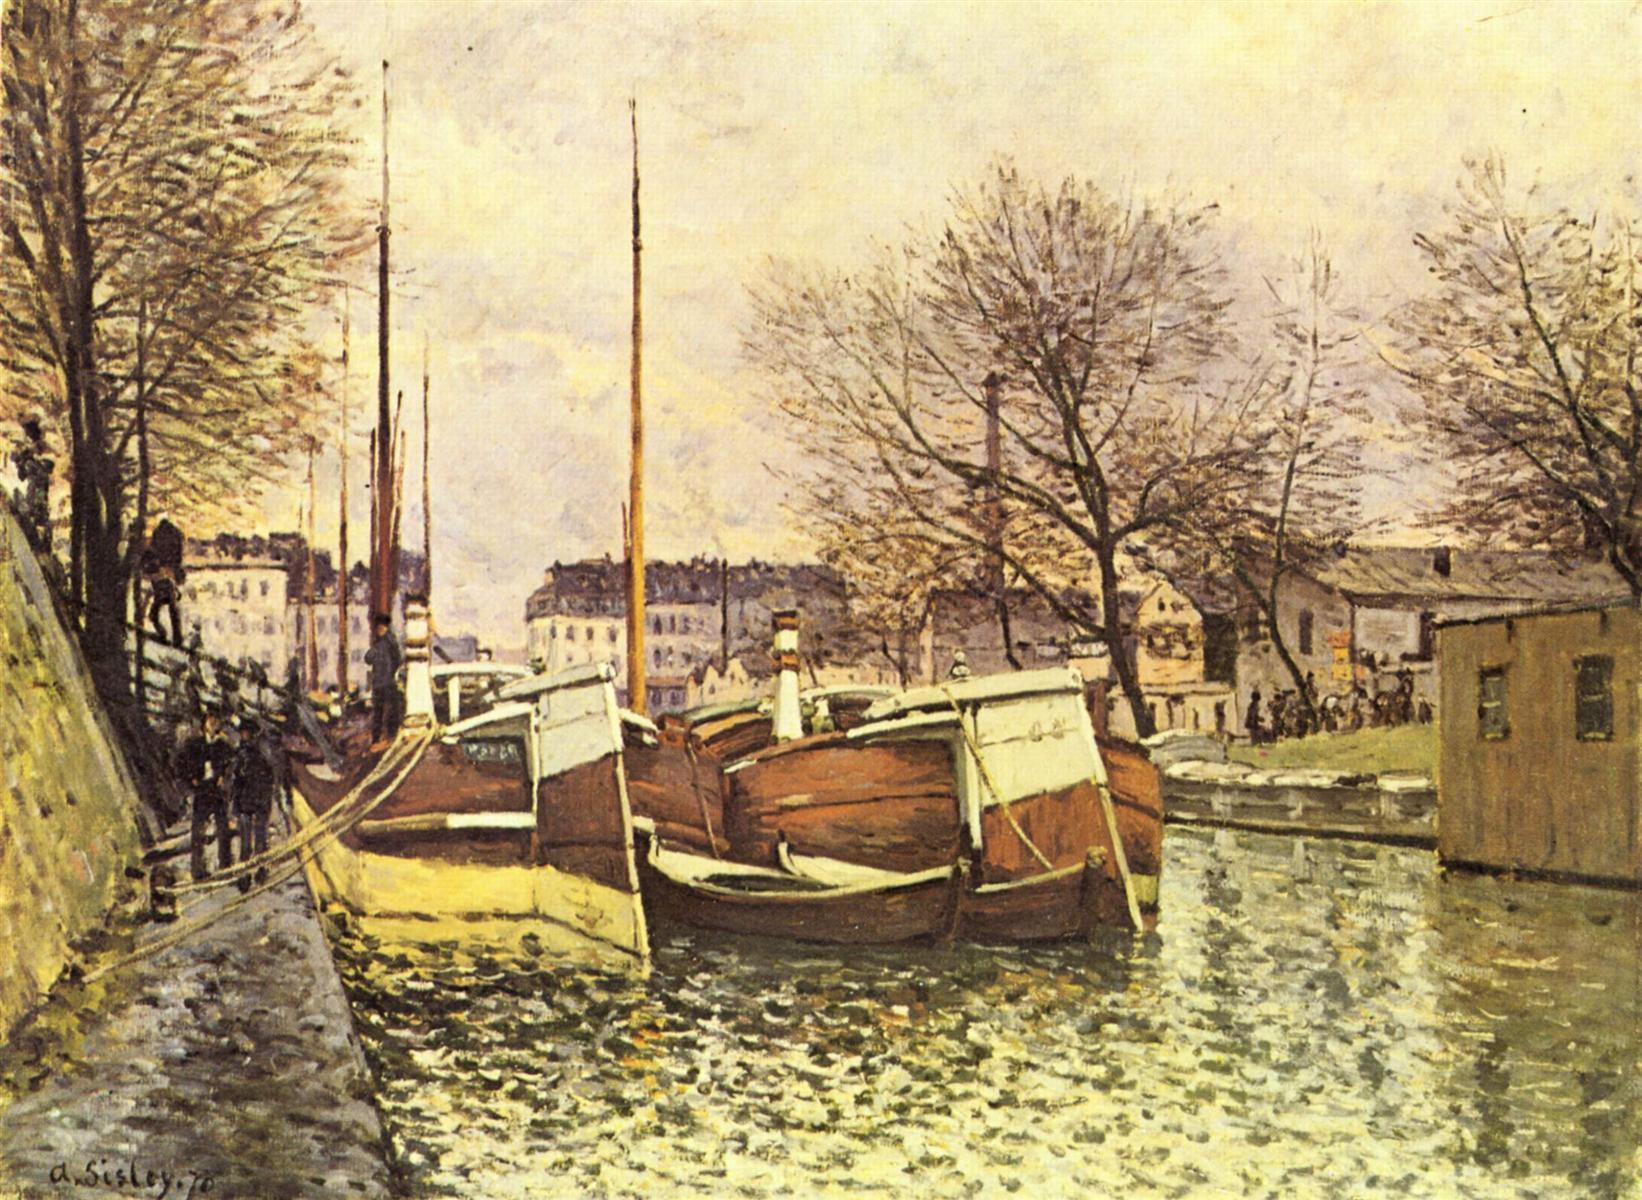 Баржи на канале Сен-Мартен в Париже - Альфред Сислей (1870)